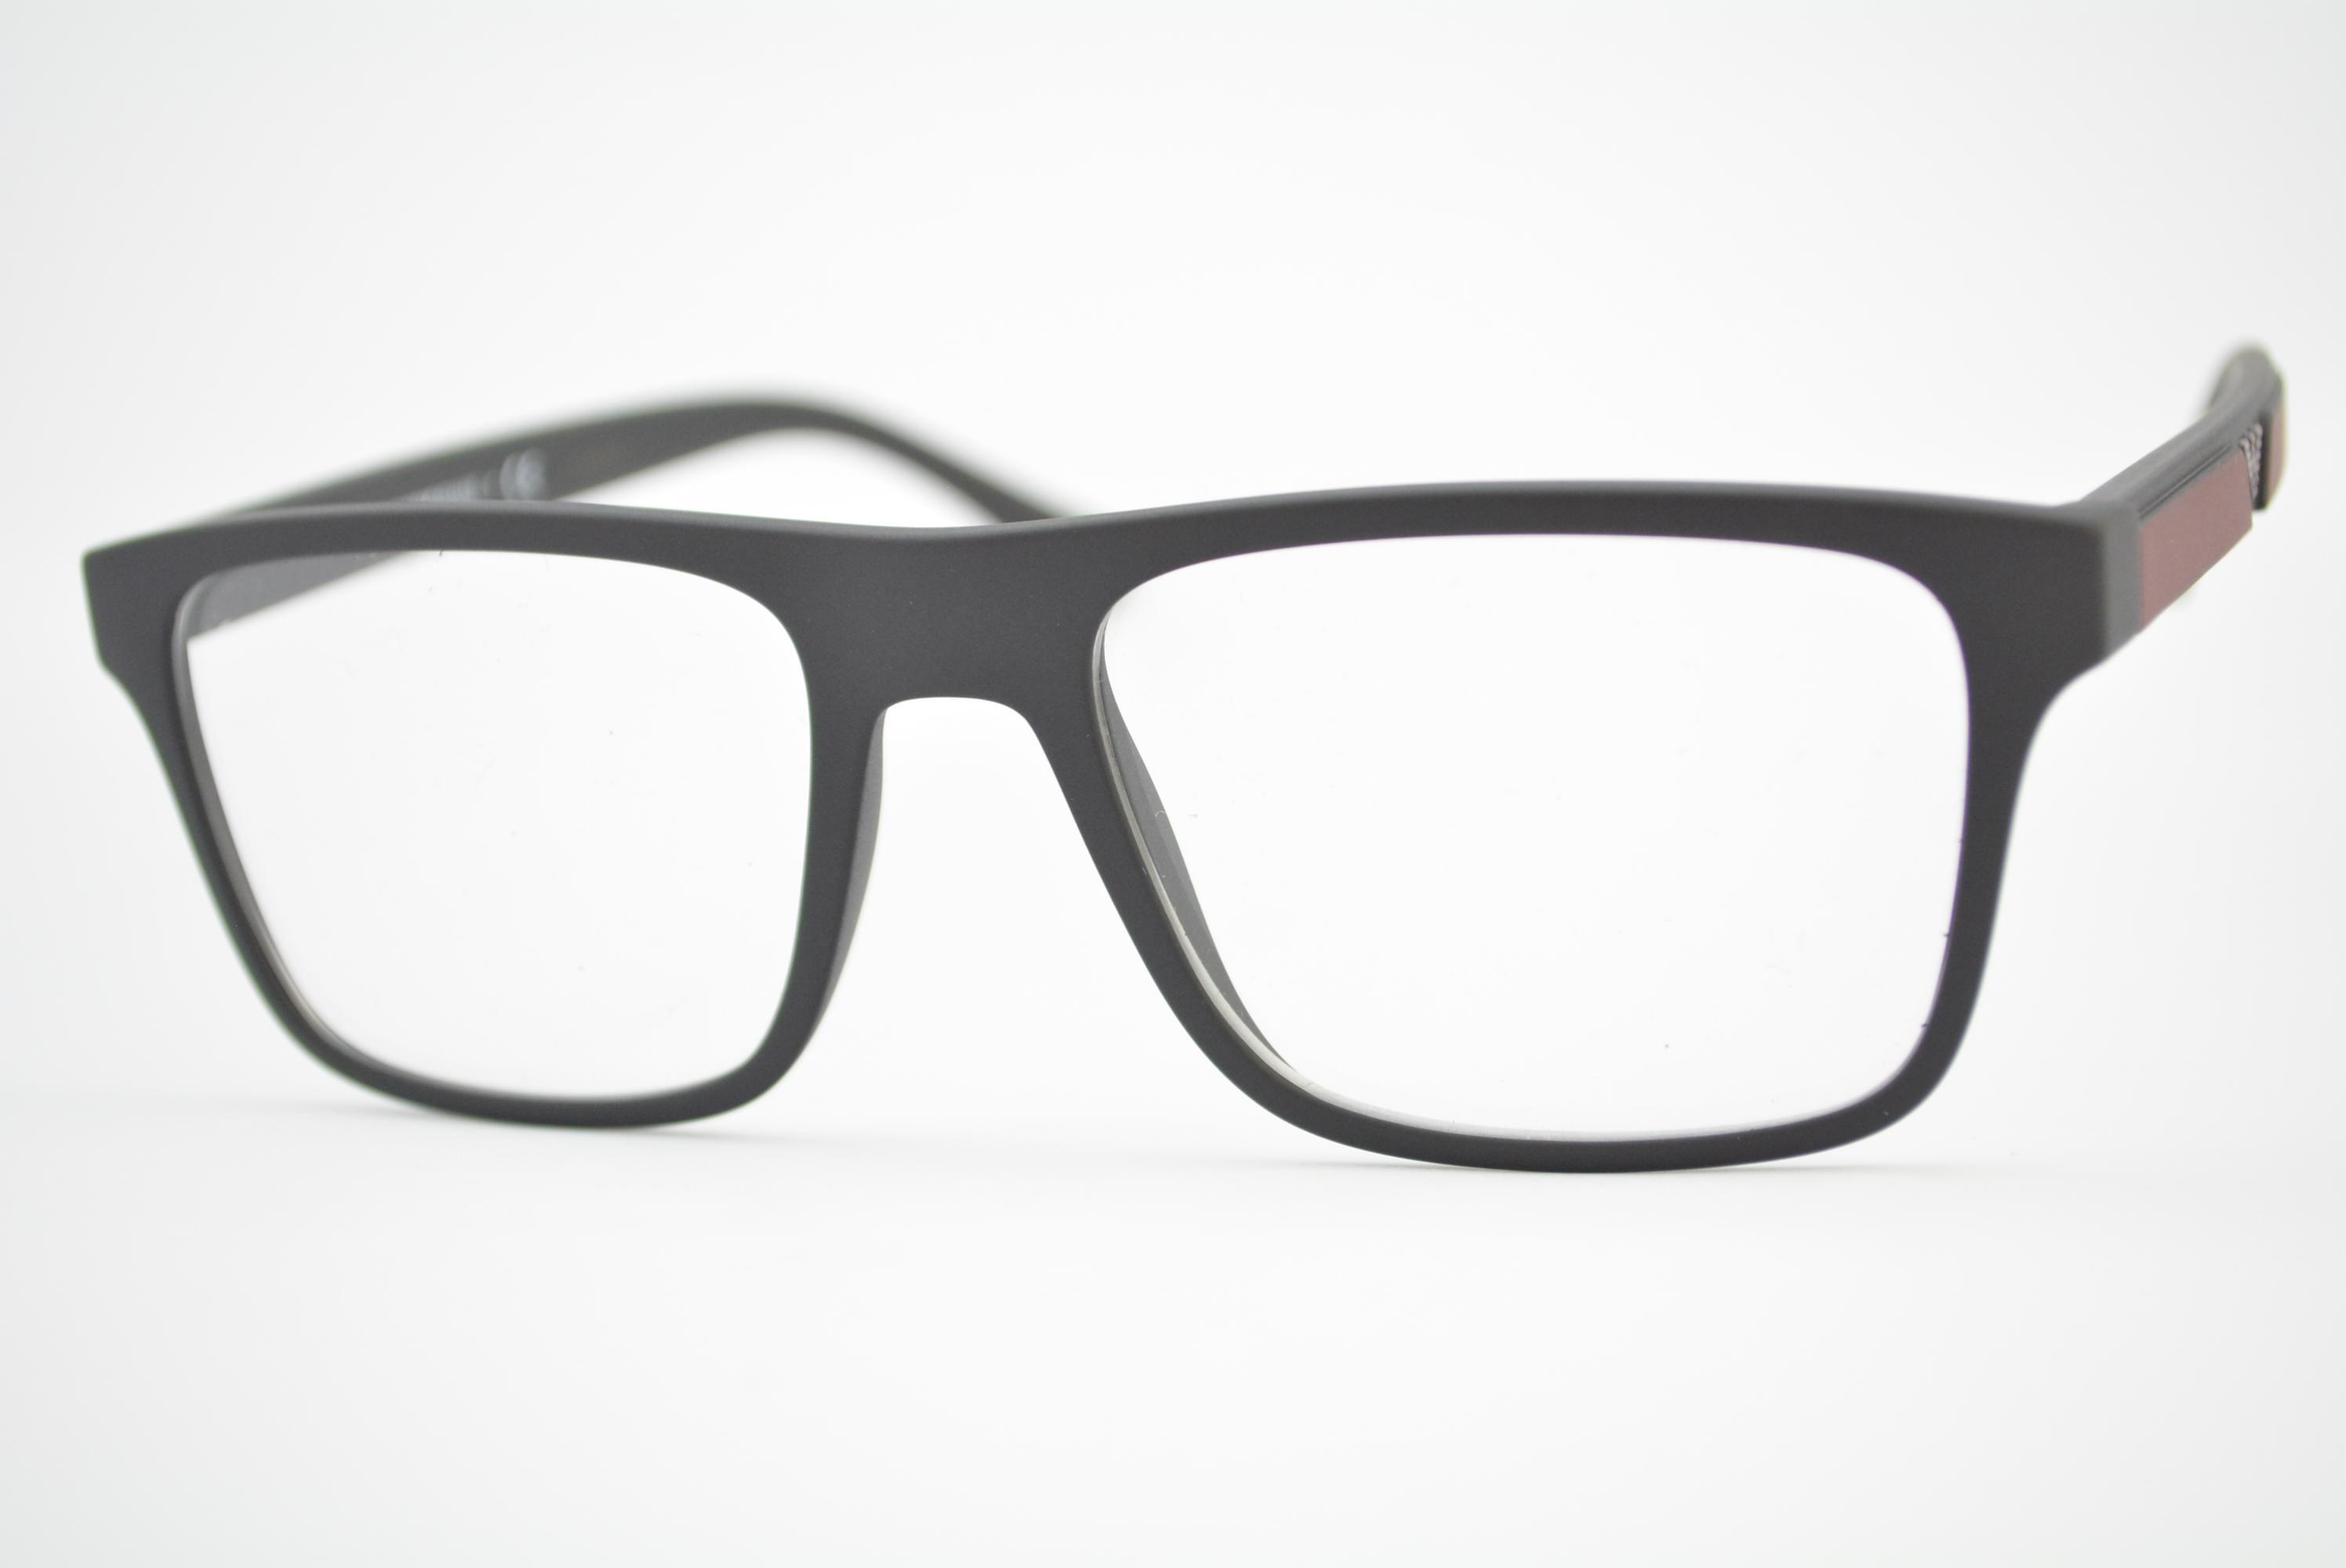 armação de óculos Emporio Armani mod EA4115 5042 1w Clip on Ótica ... 04e254bb7e